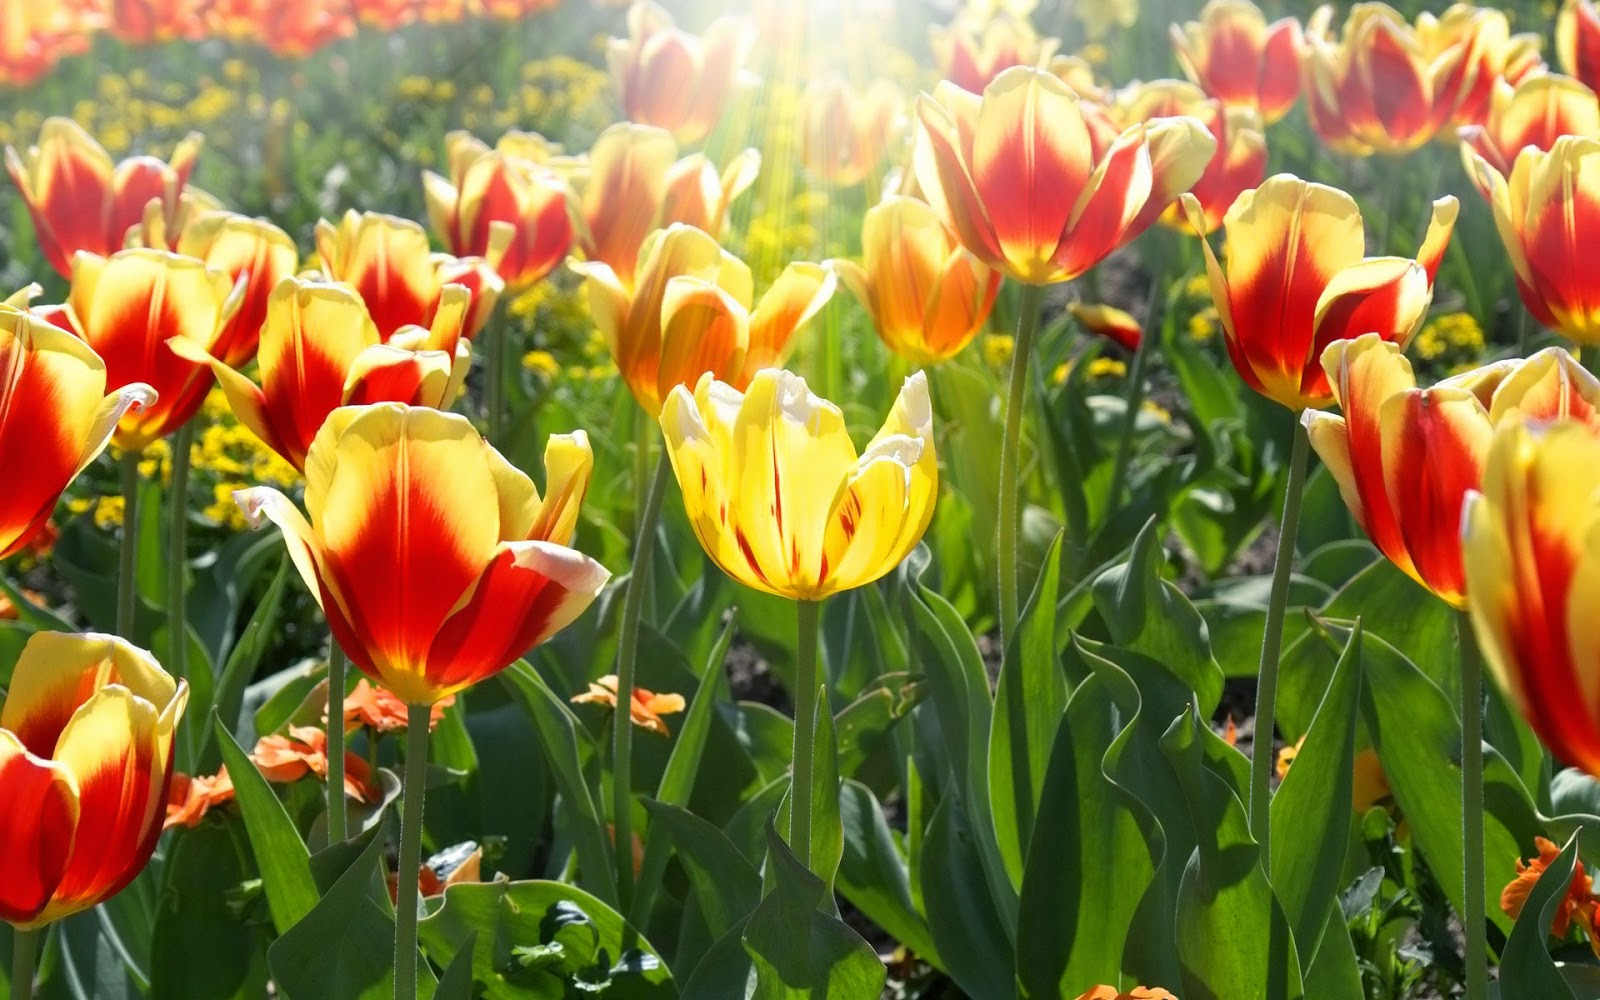 lente achtergronden hd - photo #34